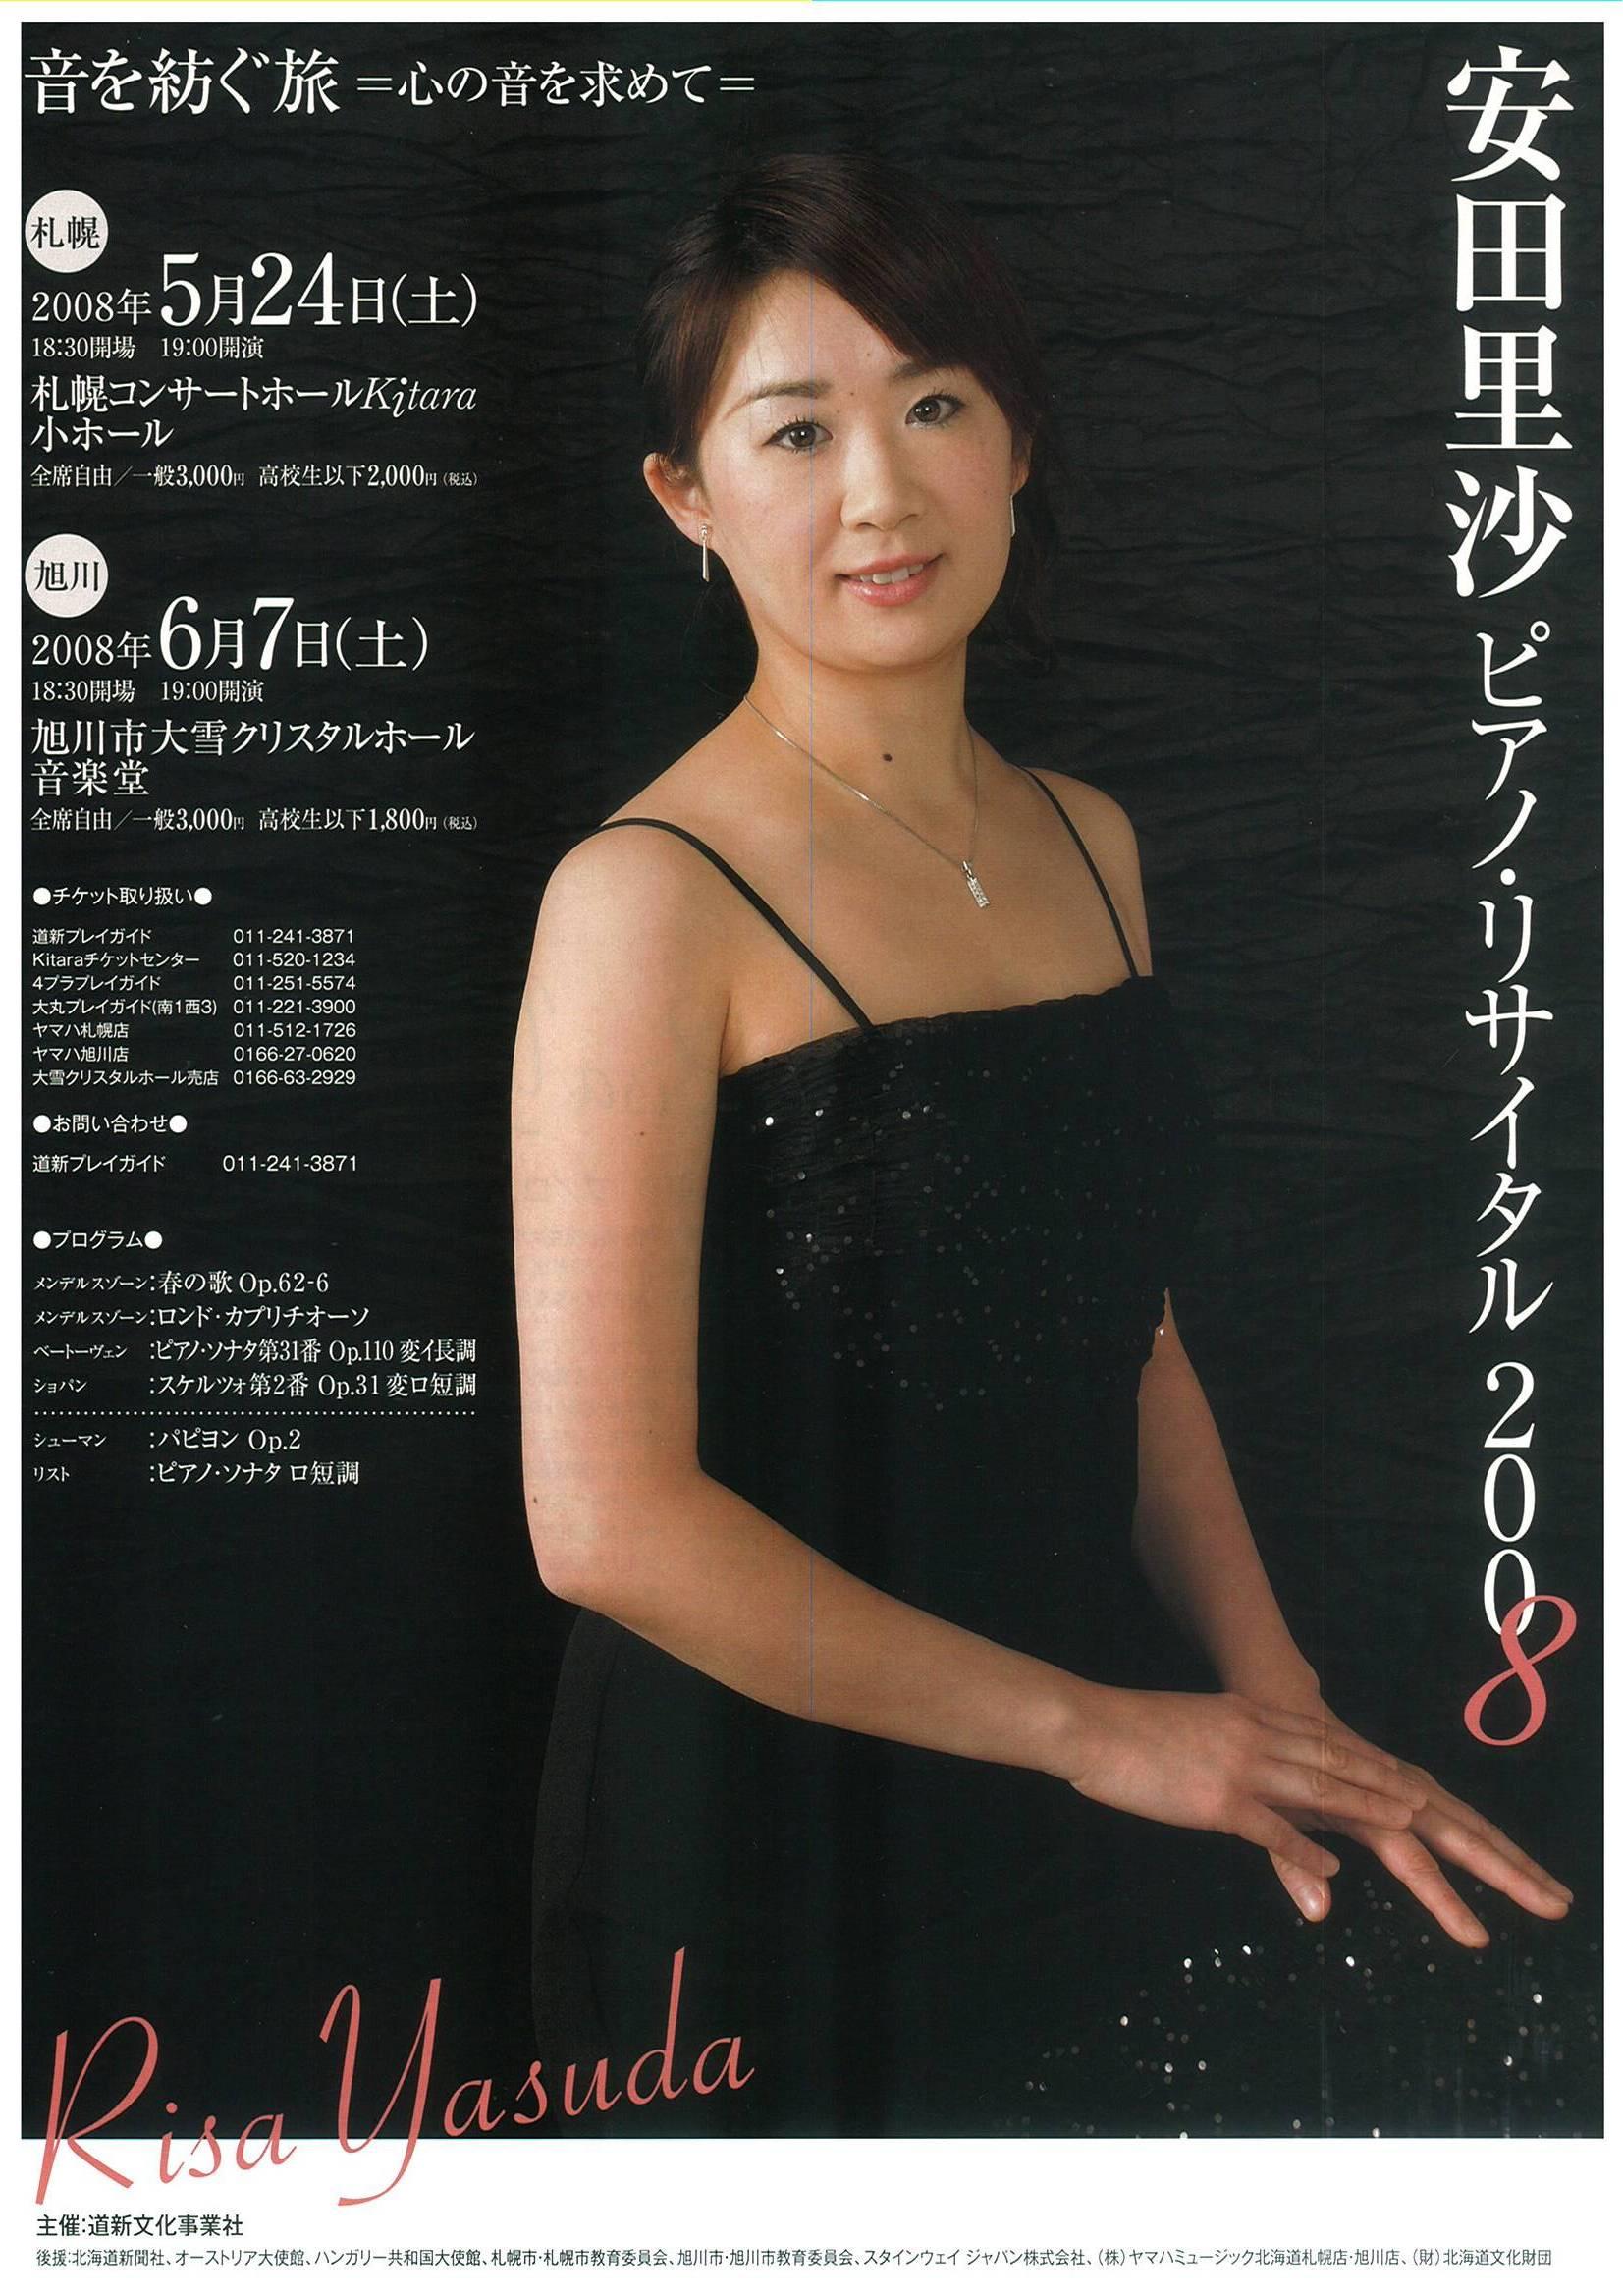 安田里沙コンサート.jpg